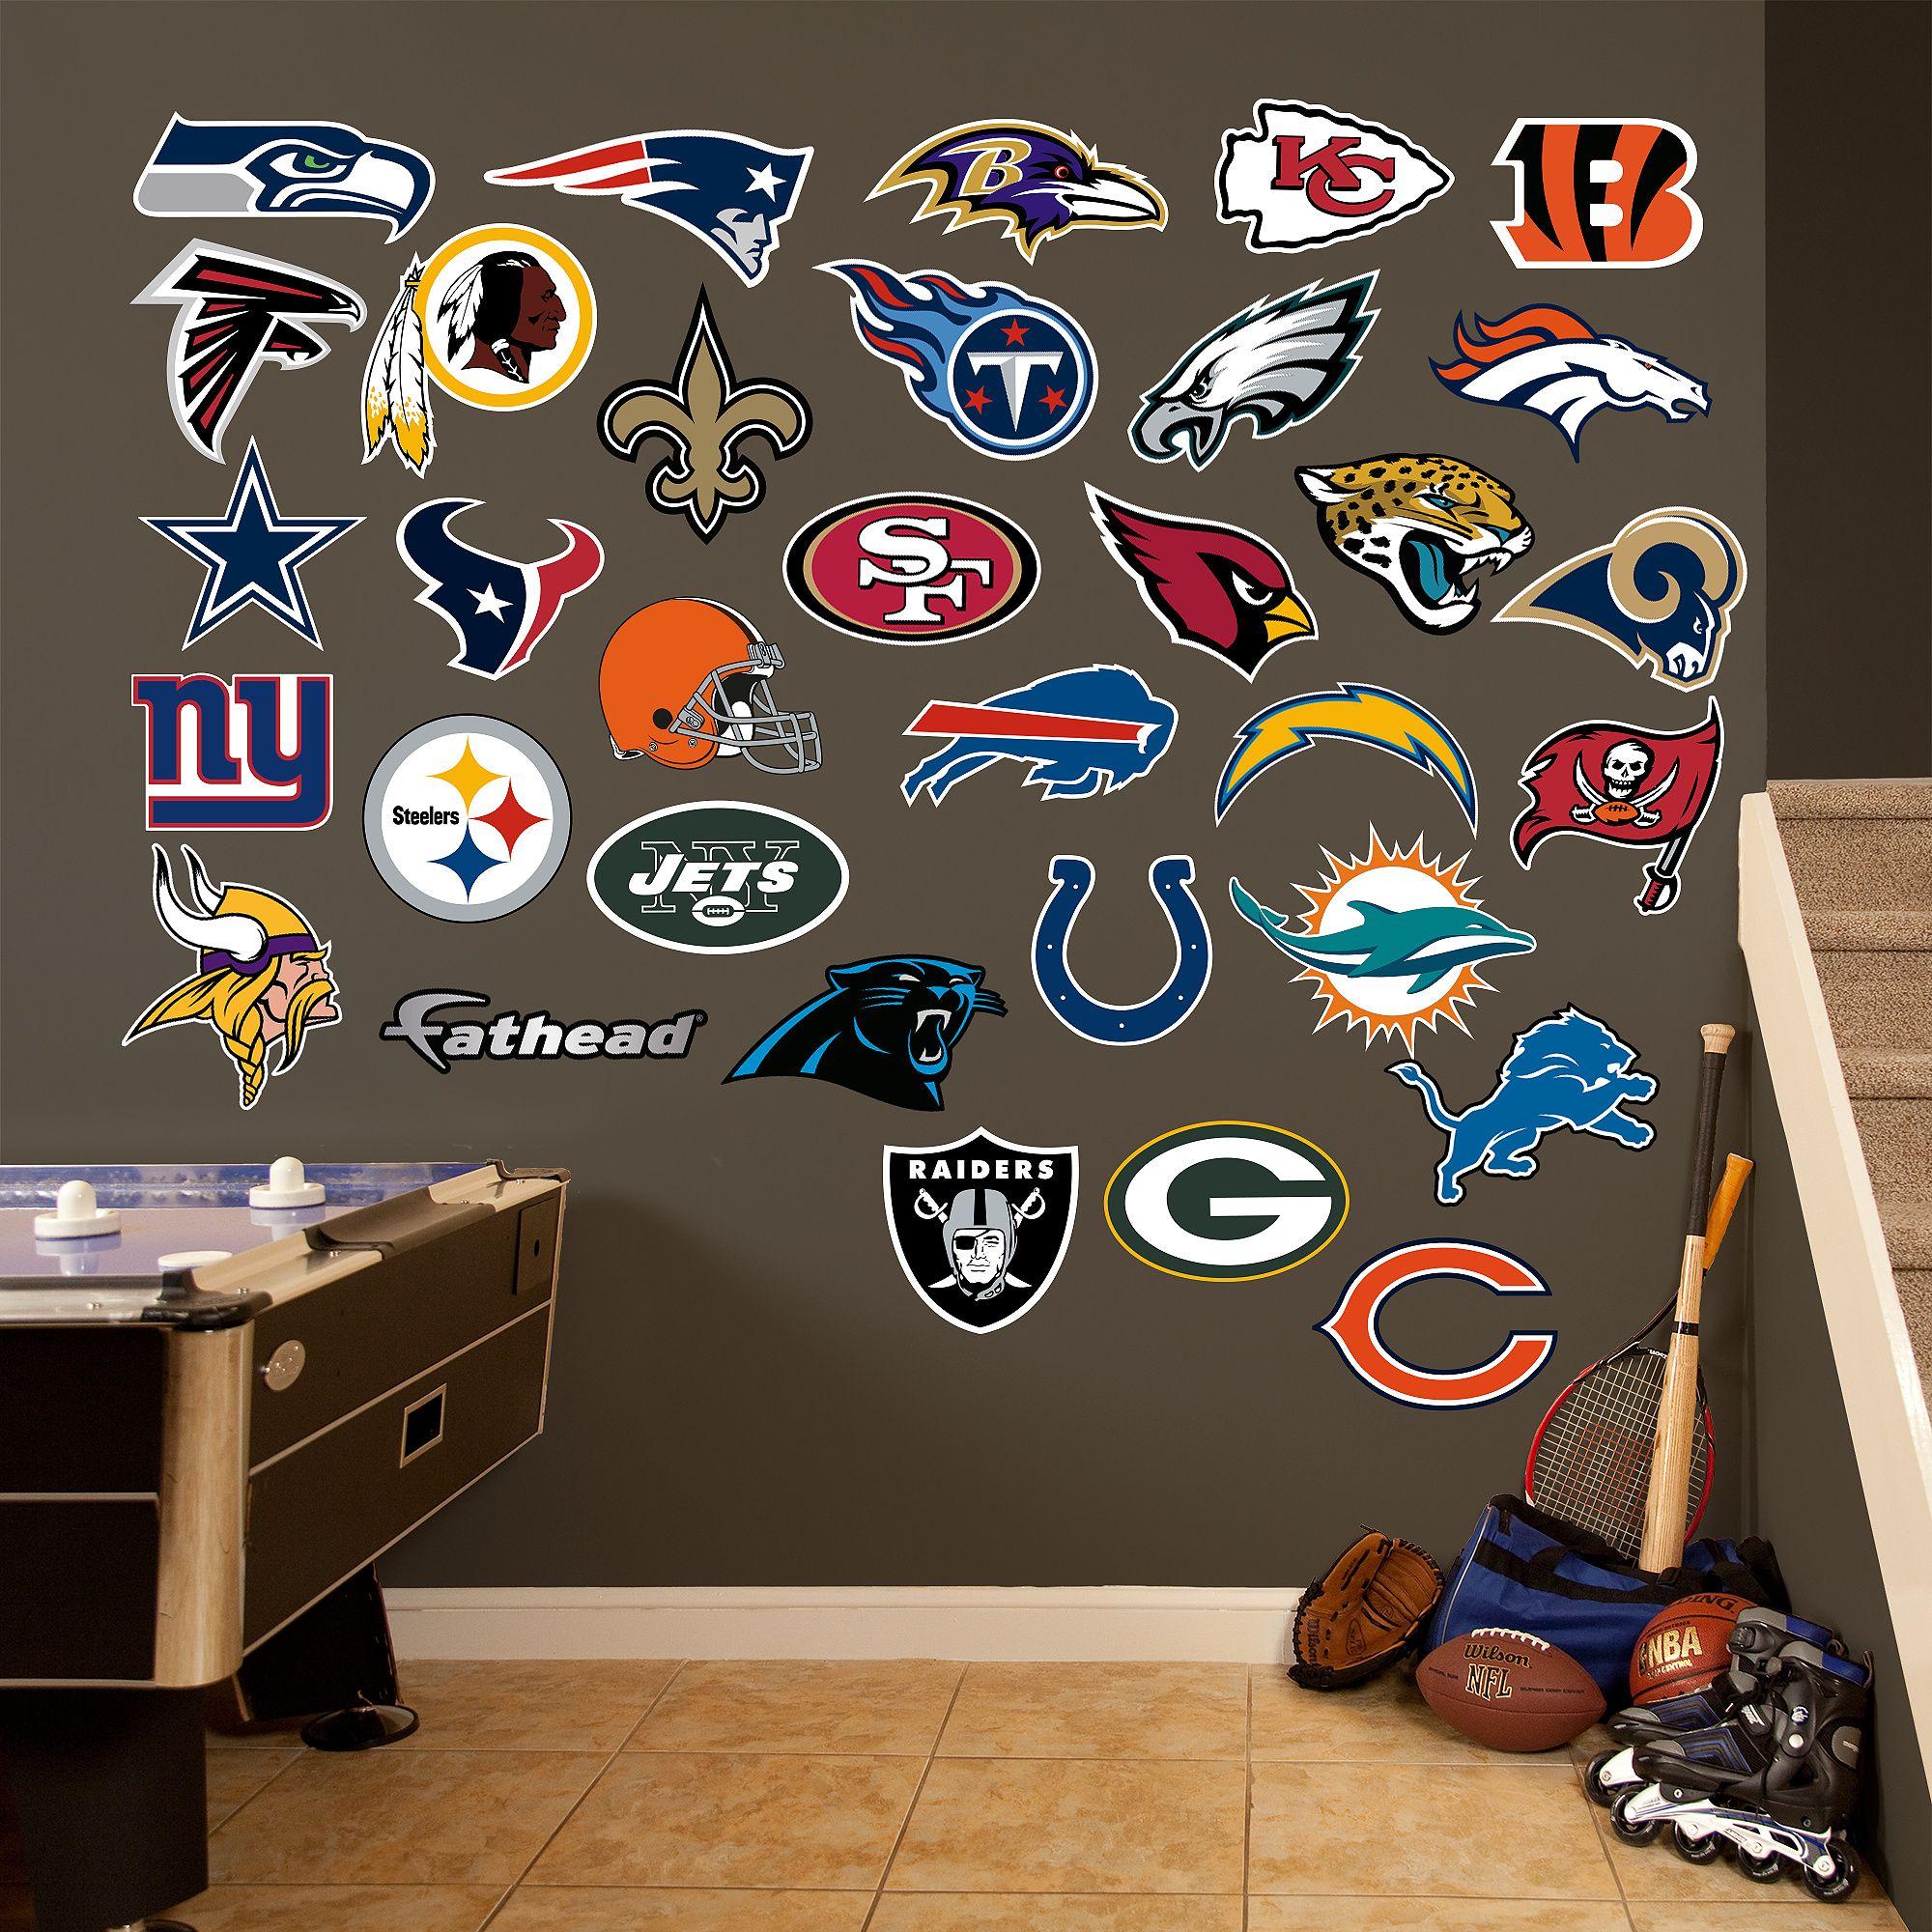 Football Wall Decor Football Wall Murals Football Wall Wall